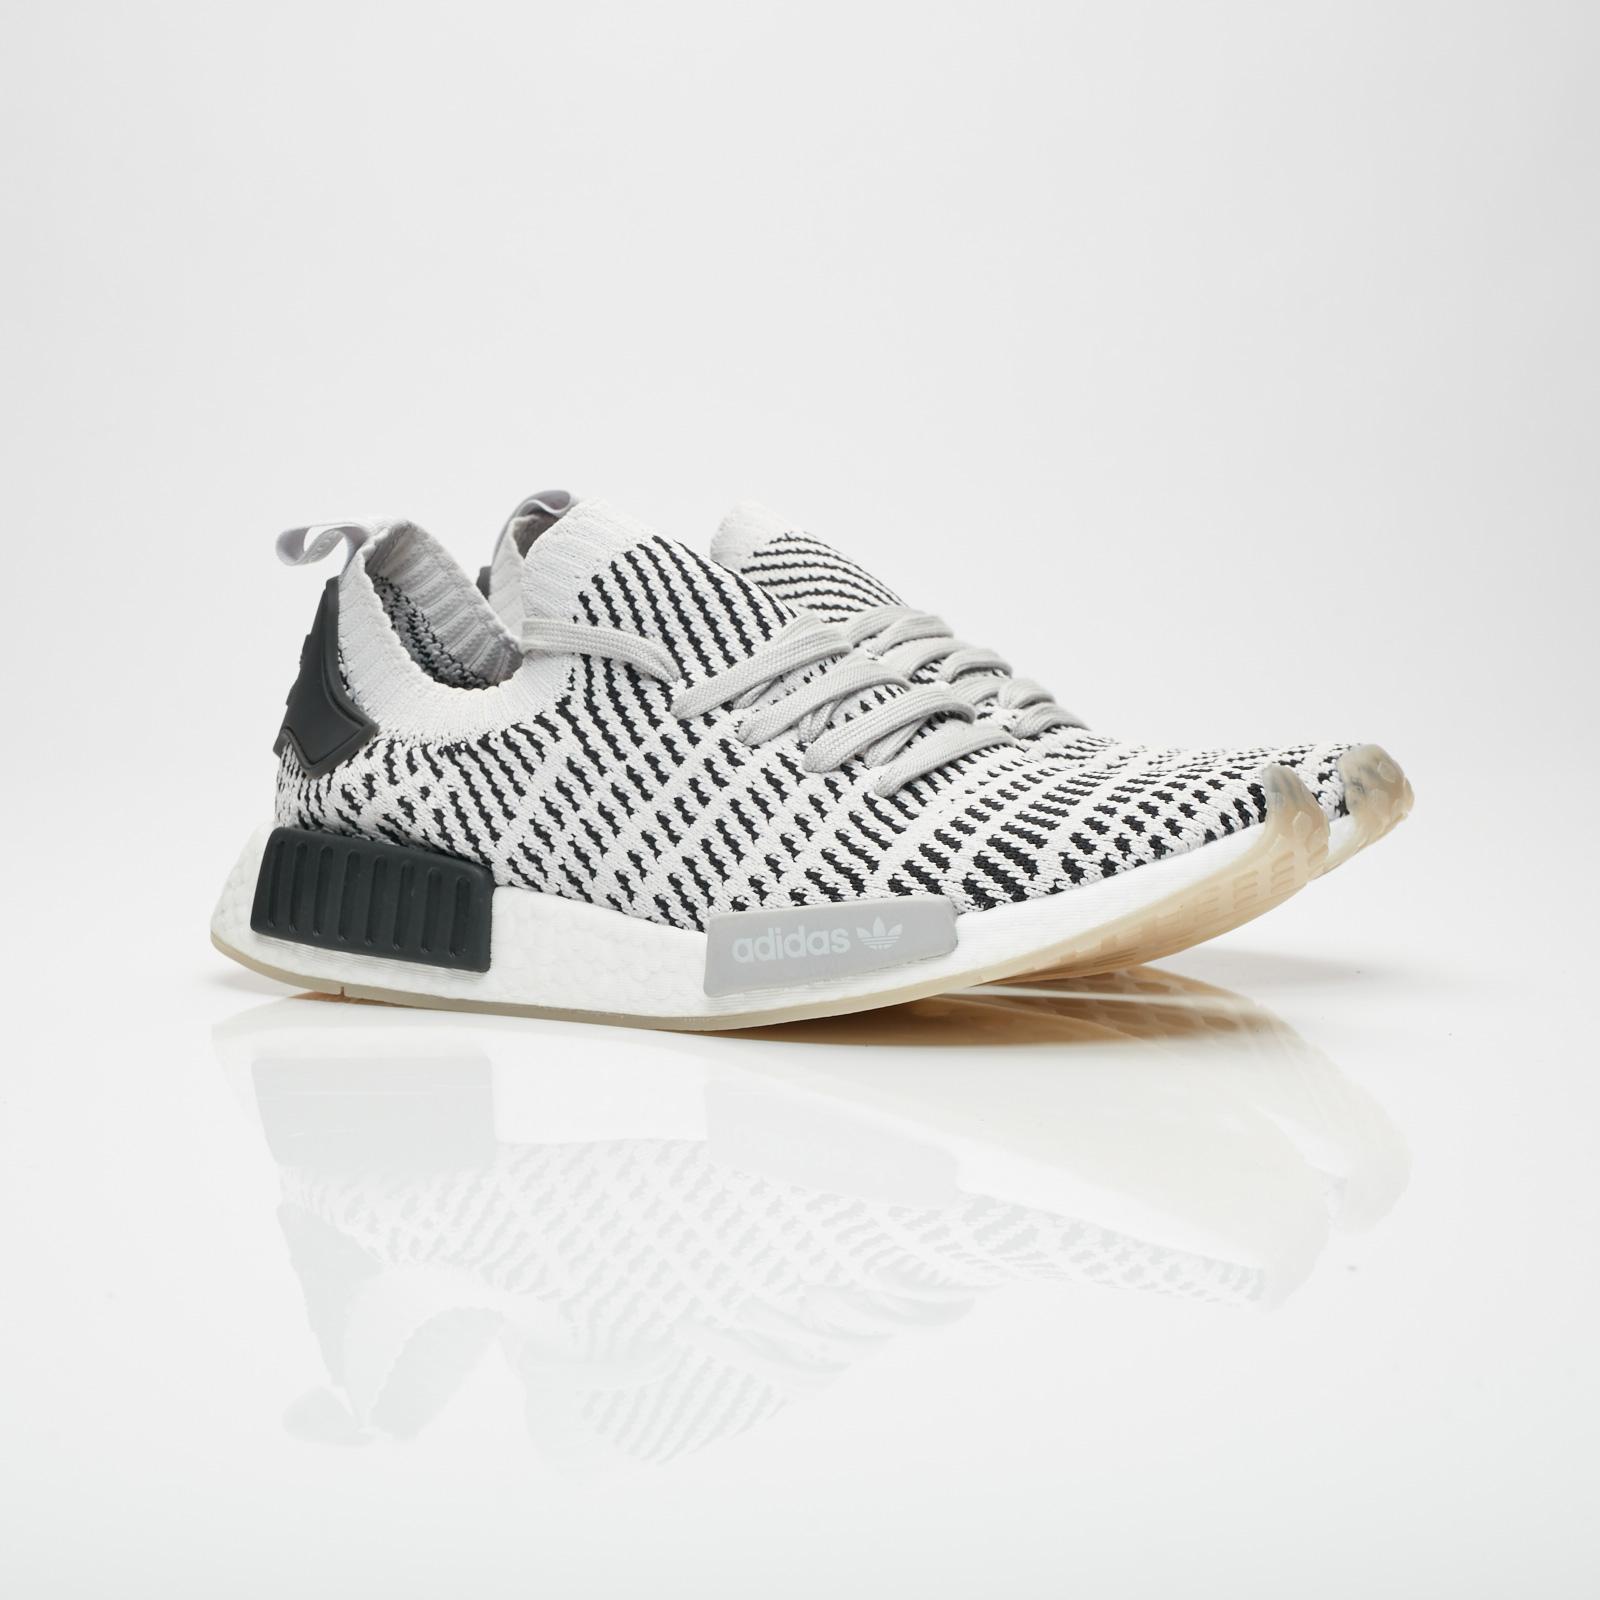 adidas NMD R1 STLT Primeknit - Cq2387 - Sneakersnstuff  94a1b42b8